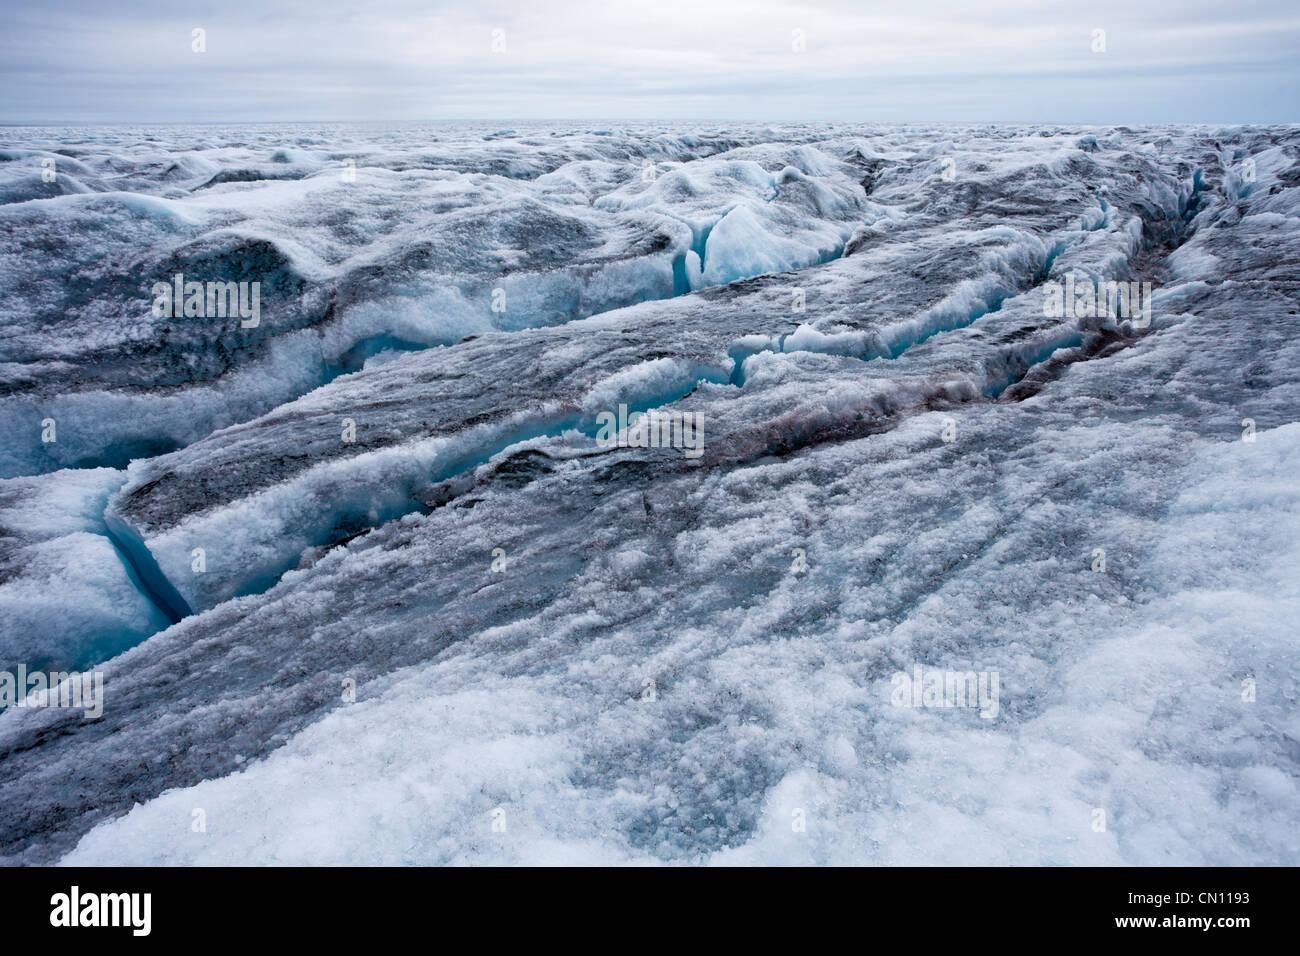 Ghiacciaio Crevassed icecap paesaggio artica in Groenlandia Immagini Stock